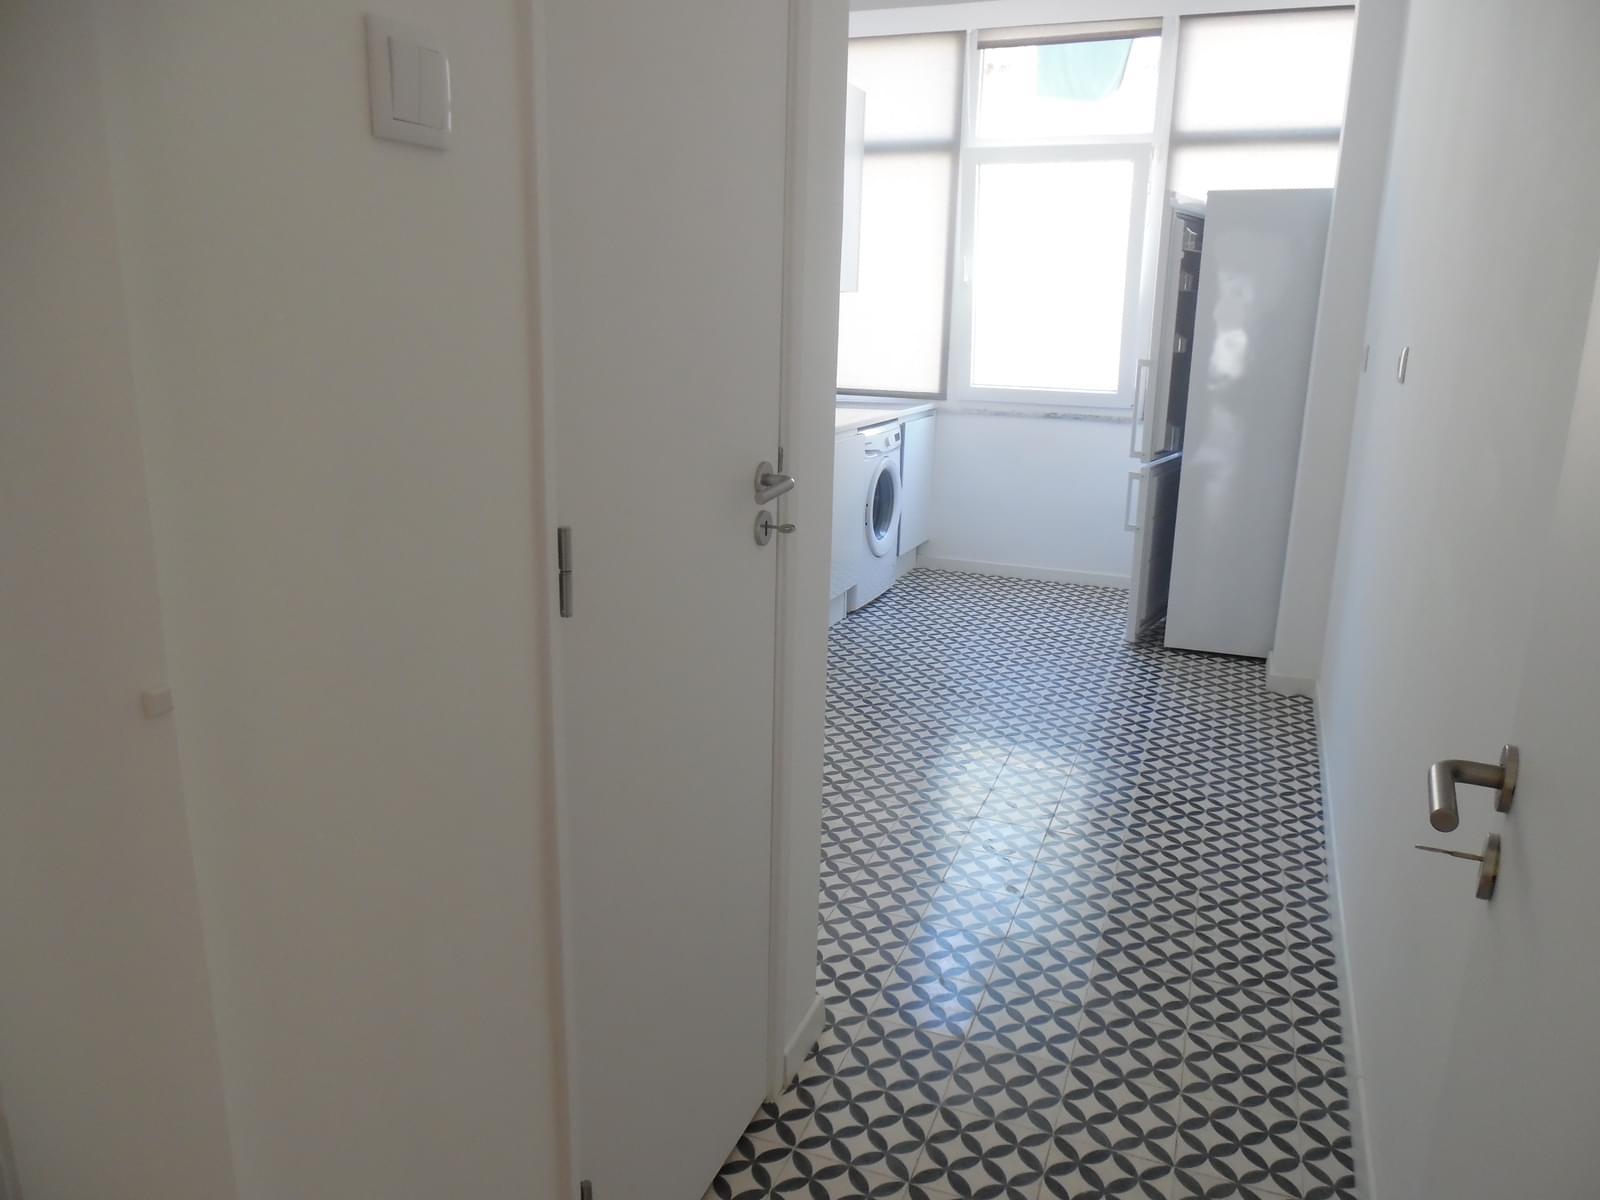 pf17256-apartamento-t2-lisboa-9091f494-dc46-4206-aac8-fd27cd77c59b